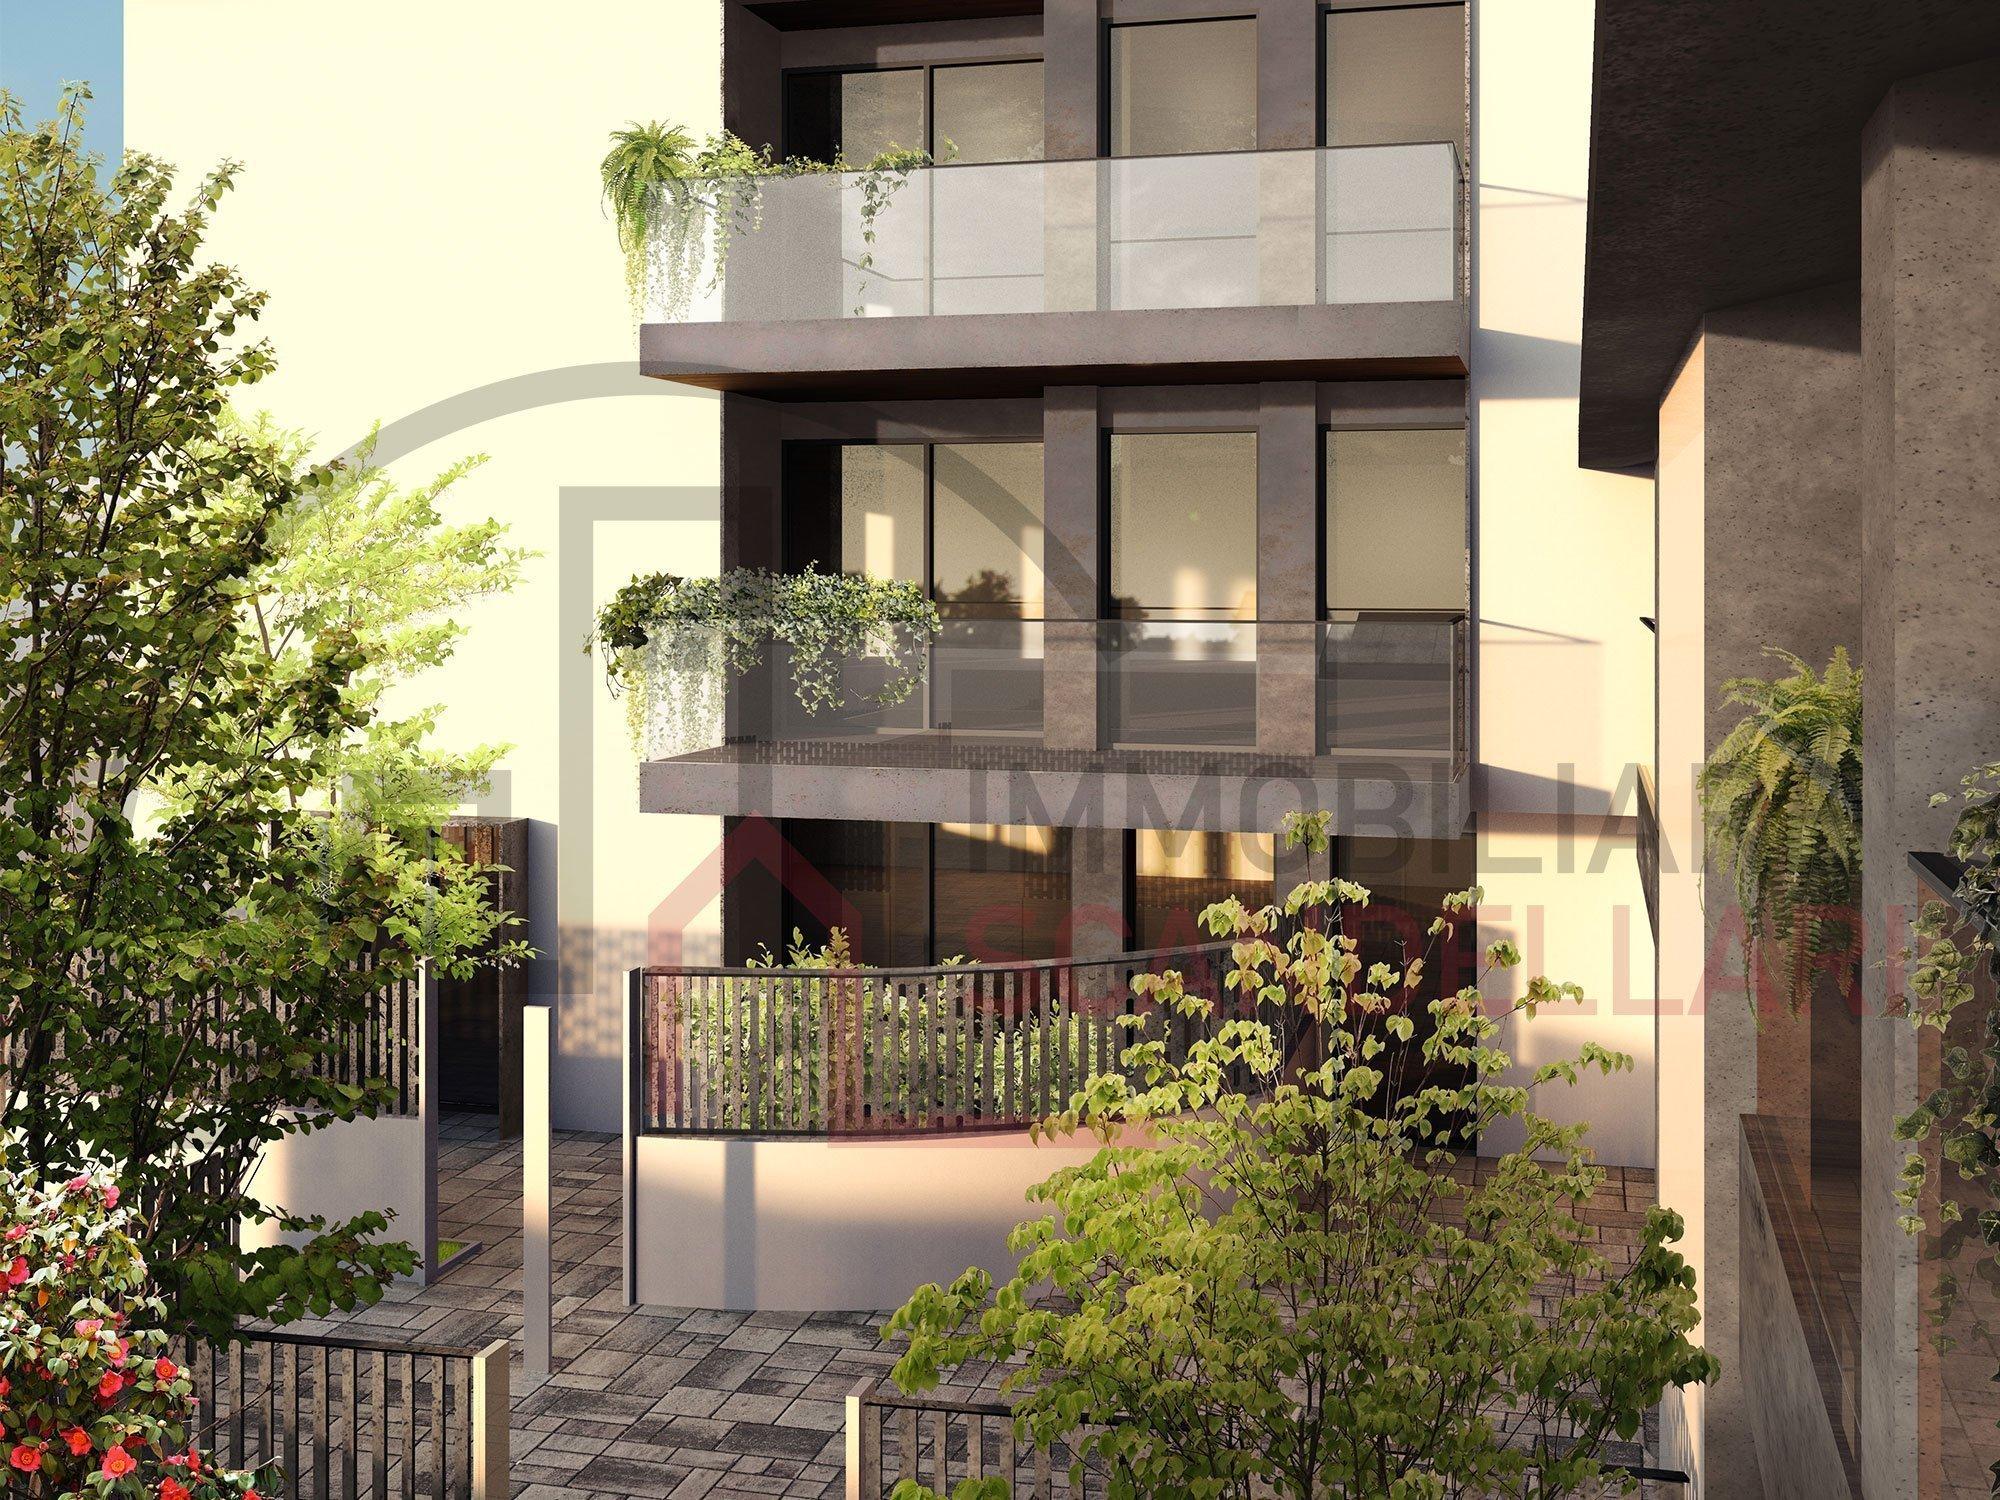 Rimini - Centro Storico - Nuovi appartamenti signorili con garage - Immobiliare Scandellari